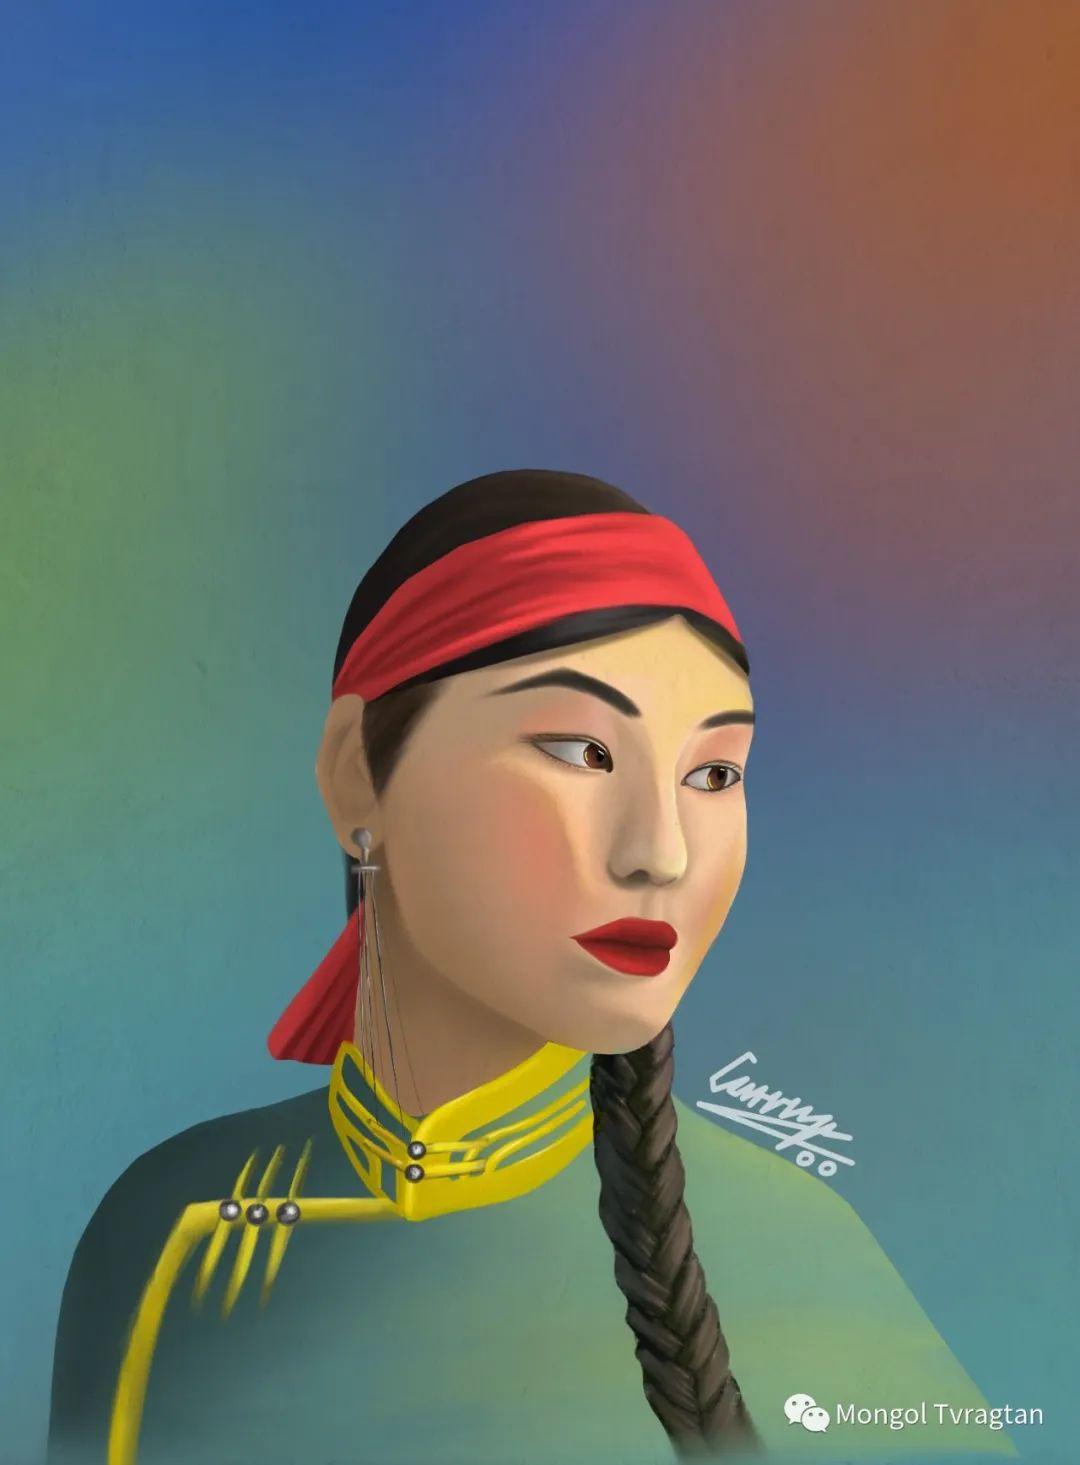 蒙古插画师 散其尔ᠮᠣᠩᠭᠣᠯ ᠵᠢᠷᠤᠭᠠᠴᠢ ᠆᠆᠆ ᠭᠣᠴᠢᠳ ᠣᠨ ᠰᠠᠨᠢᠴᠢᠷ 第9张 蒙古插画师 散其尔ᠮᠣᠩᠭᠣᠯ ᠵᠢᠷᠤᠭᠠᠴᠢ ᠆᠆᠆ ᠭᠣᠴᠢᠳ ᠣᠨ ᠰᠠᠨᠢᠴᠢᠷ 蒙古画廊